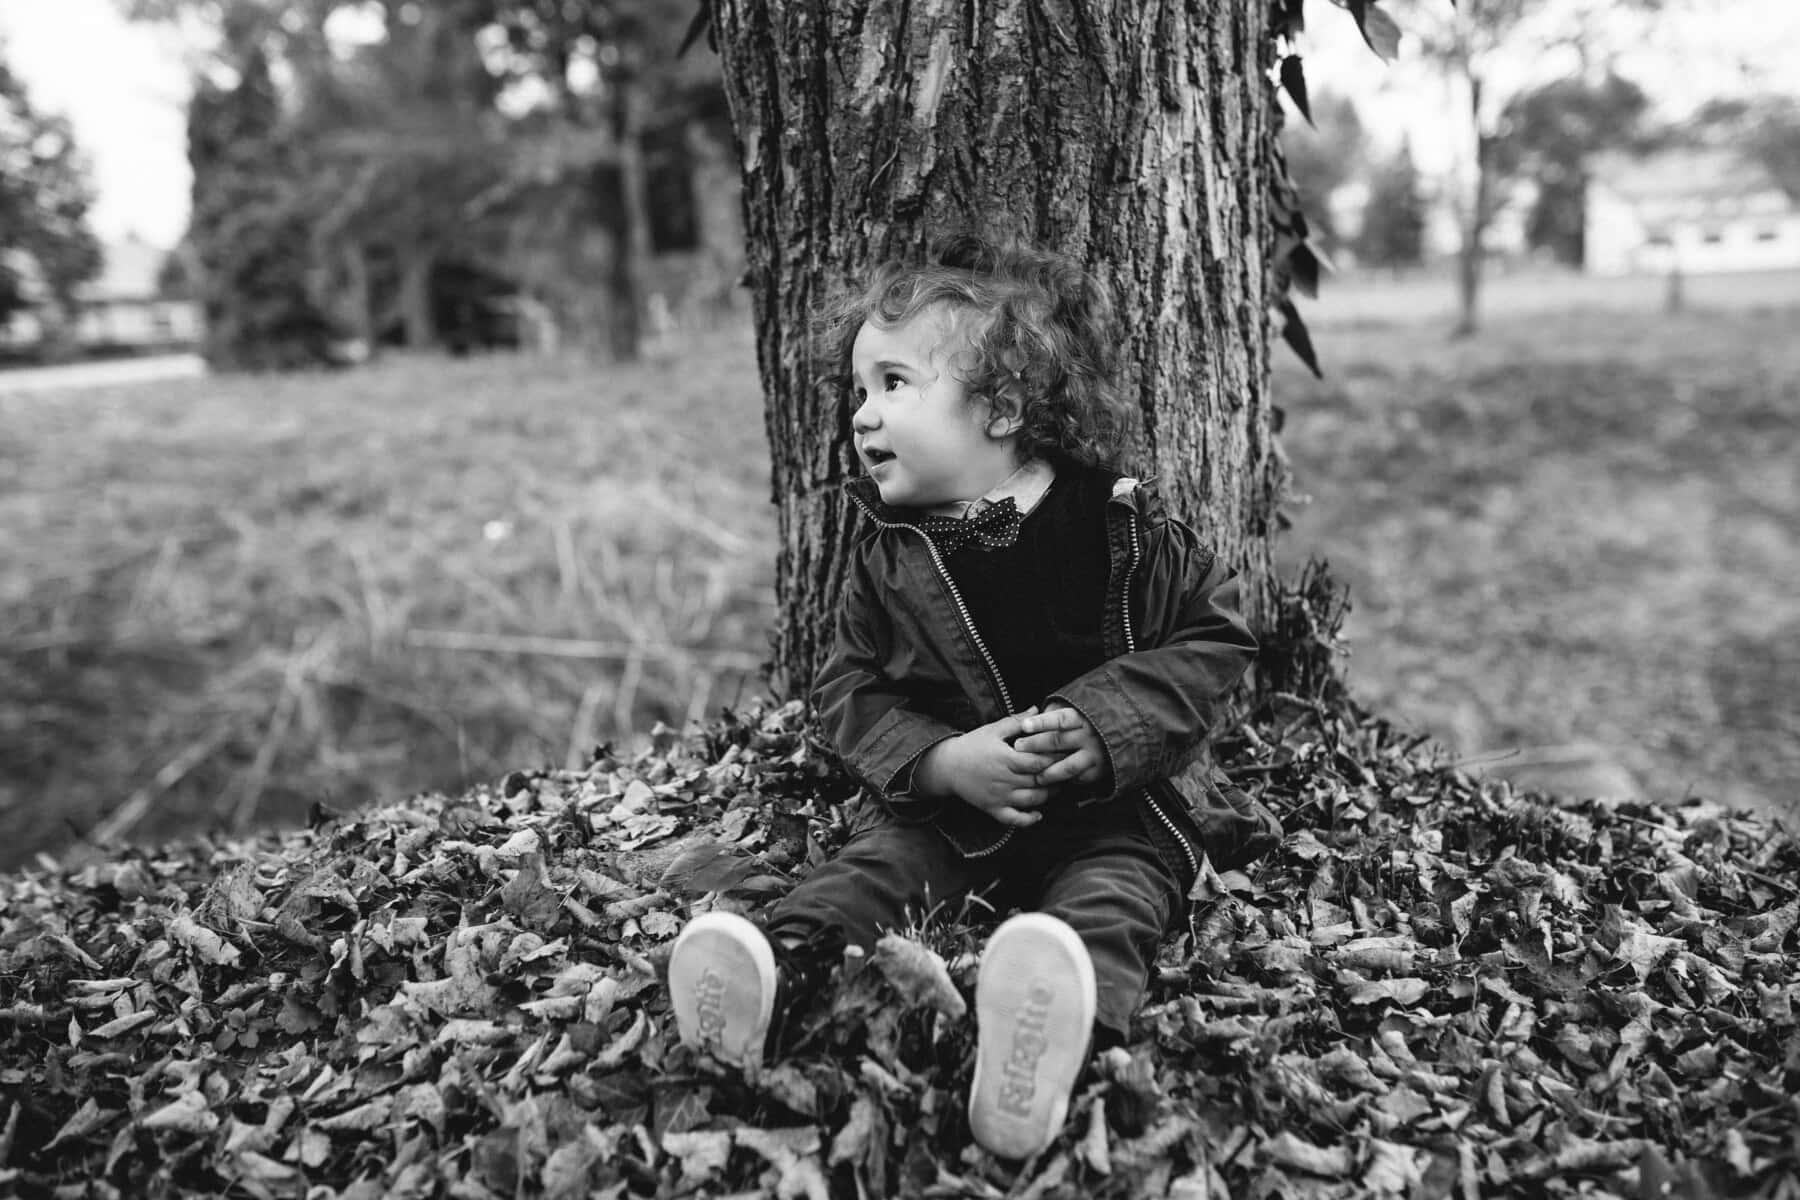 kisgyermek, fekete-fehér, fekete-fehér, őszi szezon, emberek, széna, gyermek, fiú, portré, természet